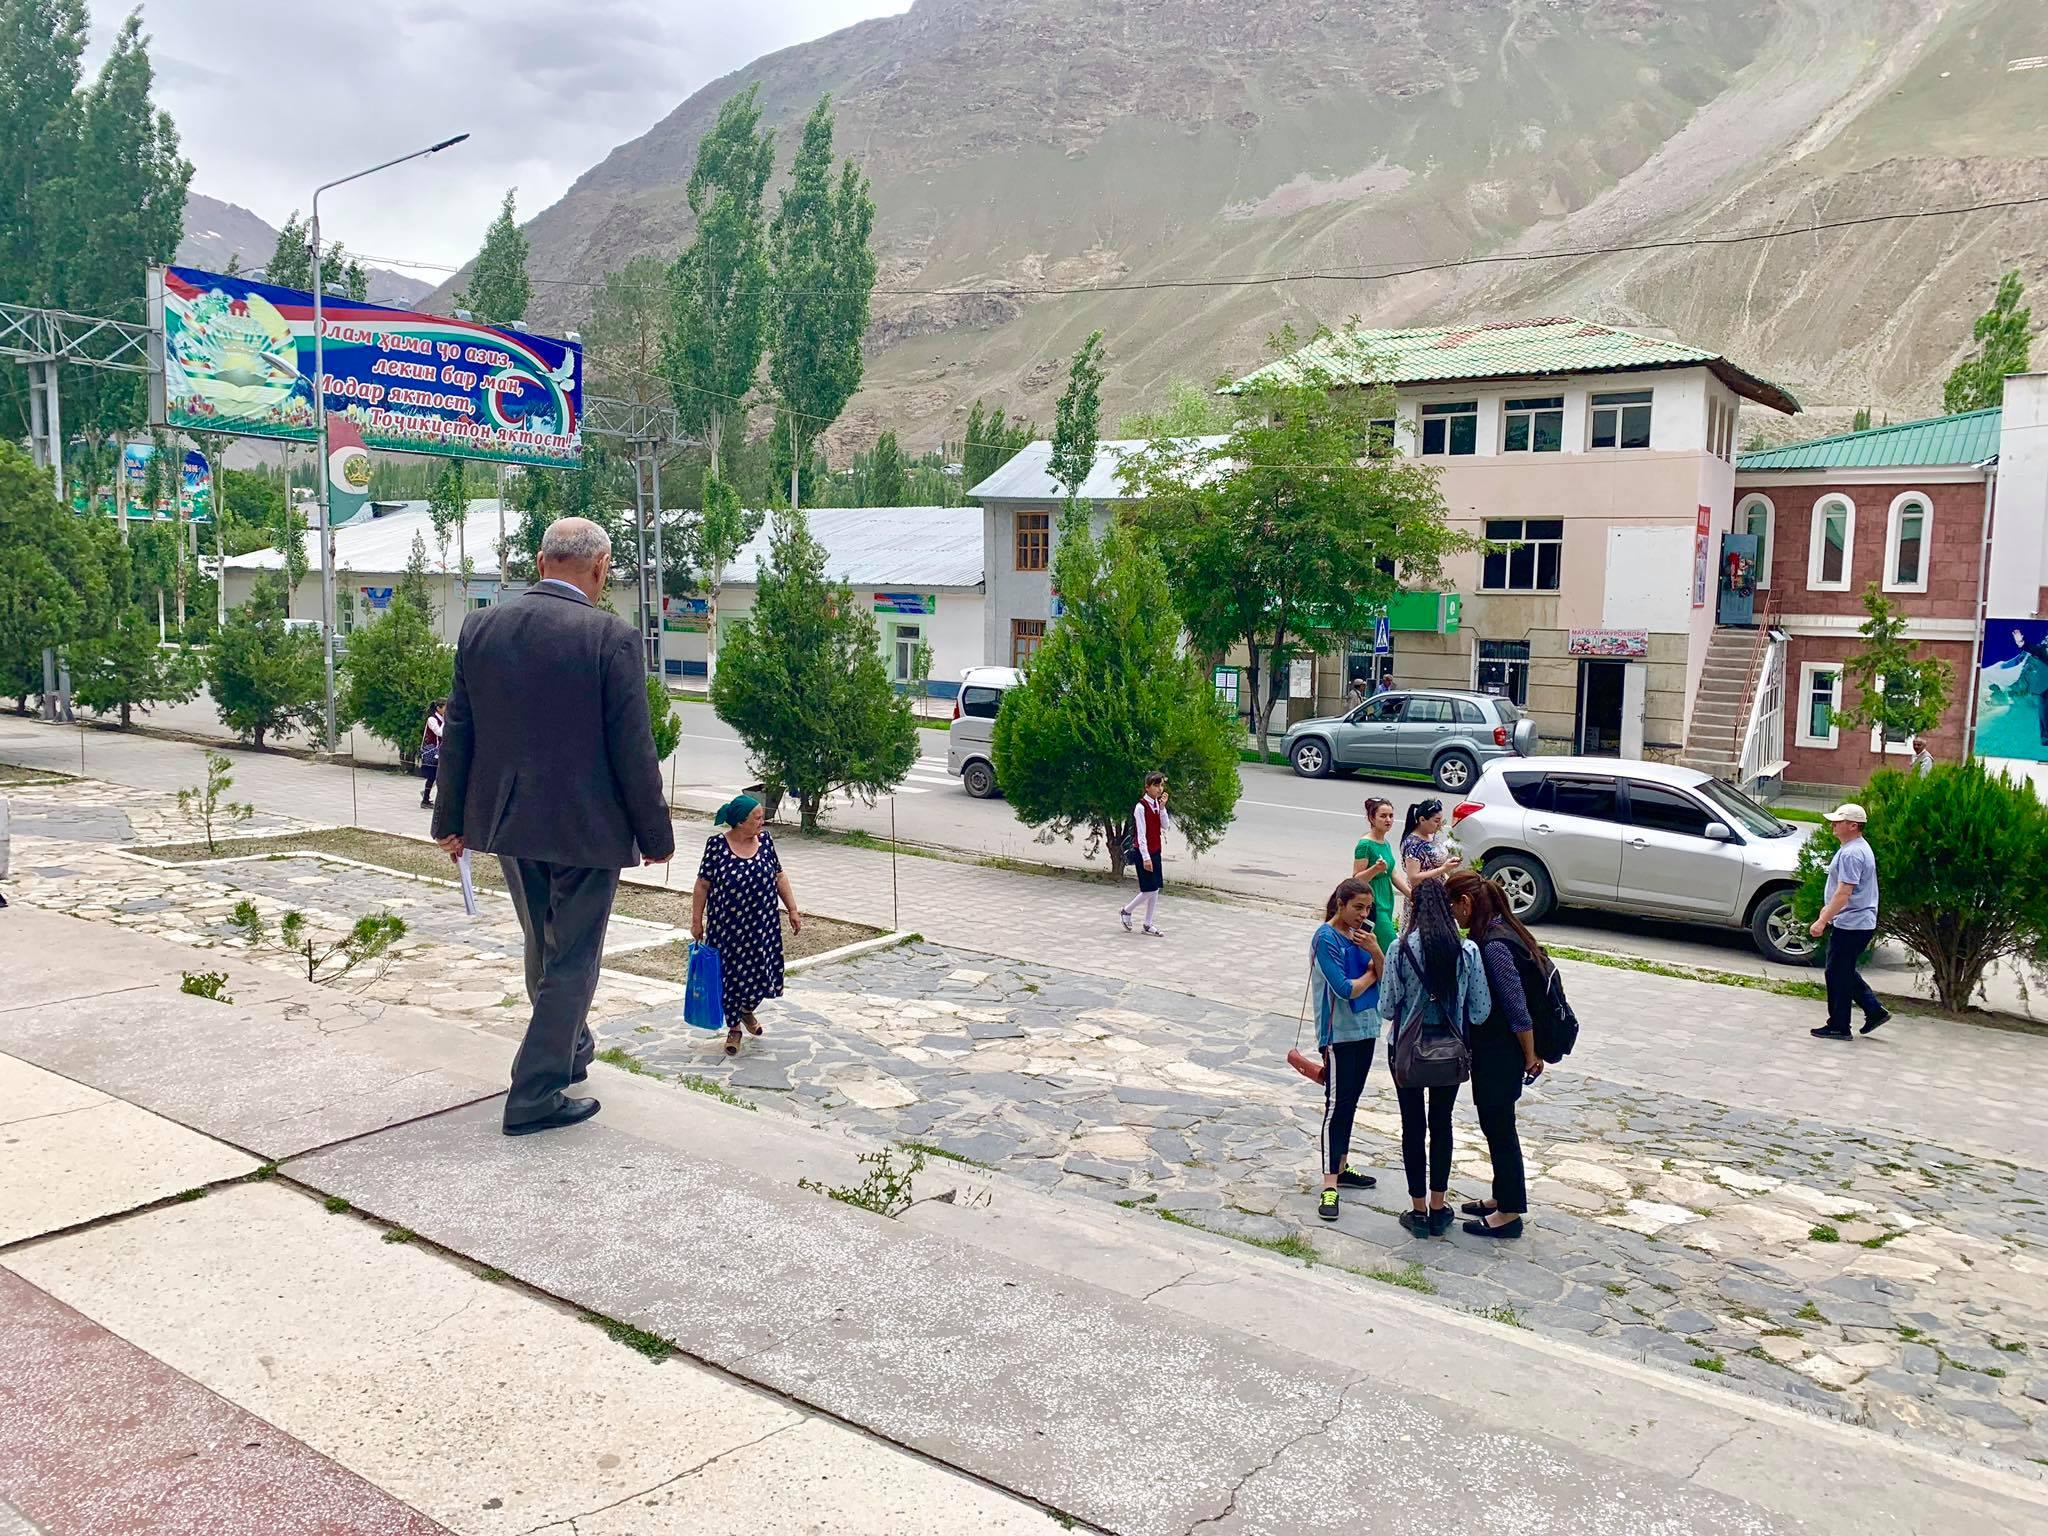 Kach Solo Travels in 2019 Pamir Highway Trip in Tajikistan35.jpg